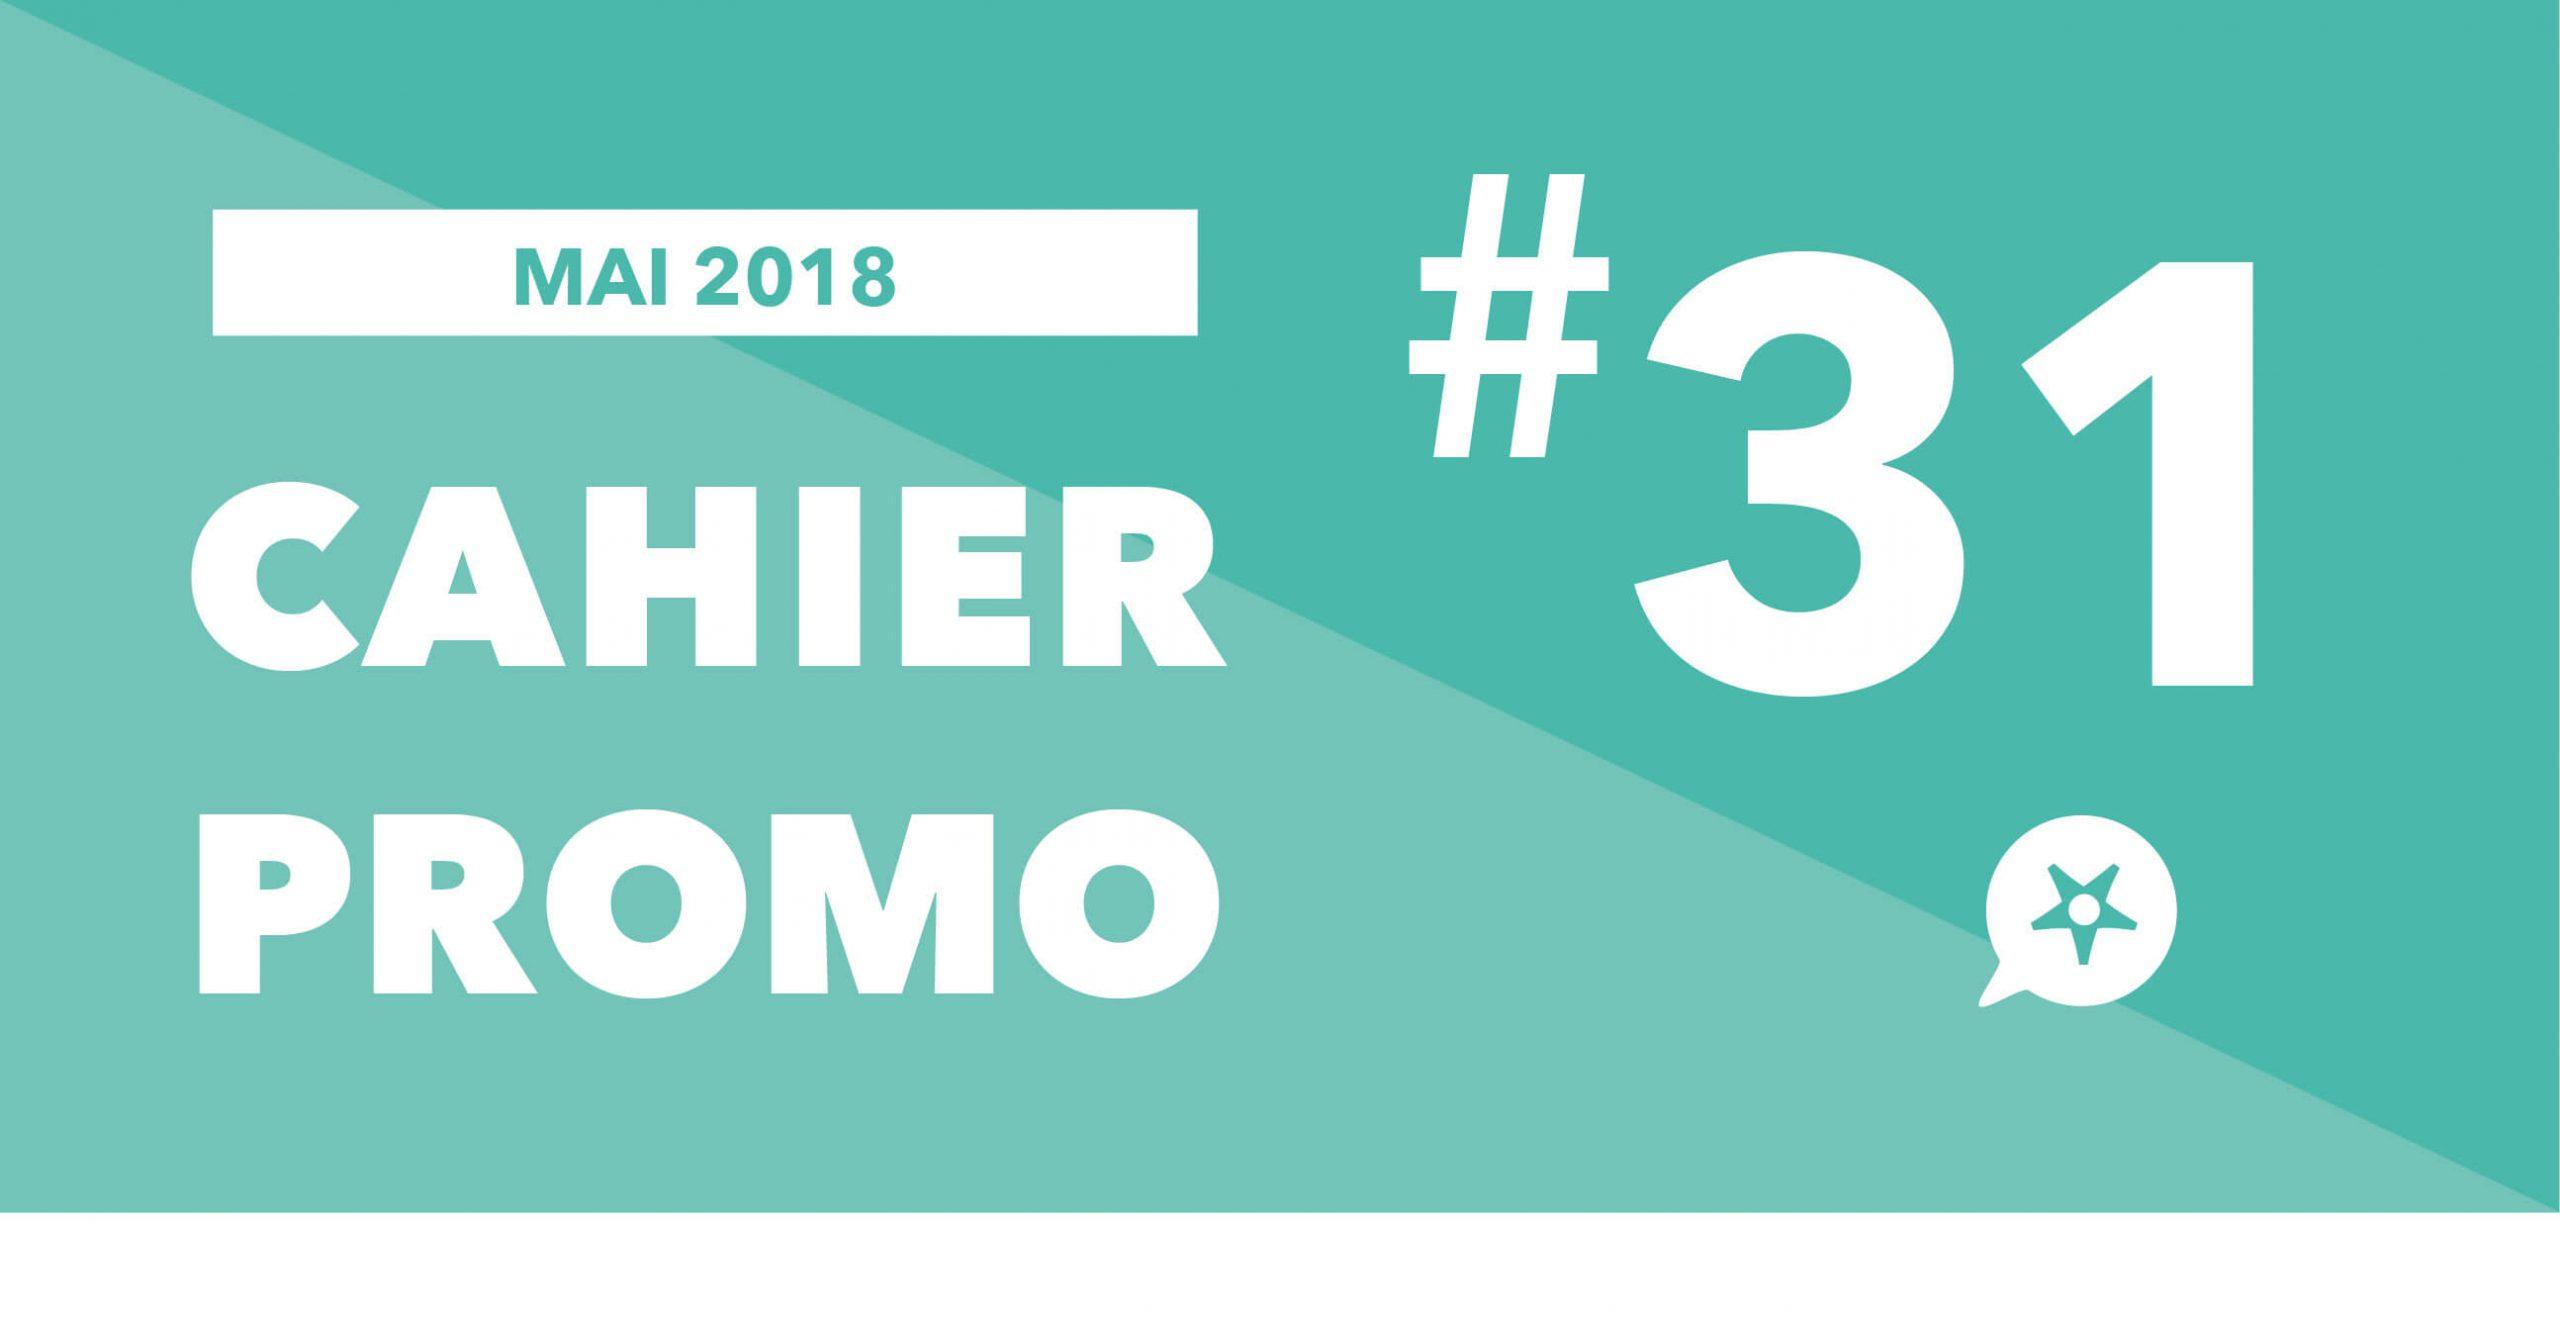 CAHIER PROMO MAI 2018